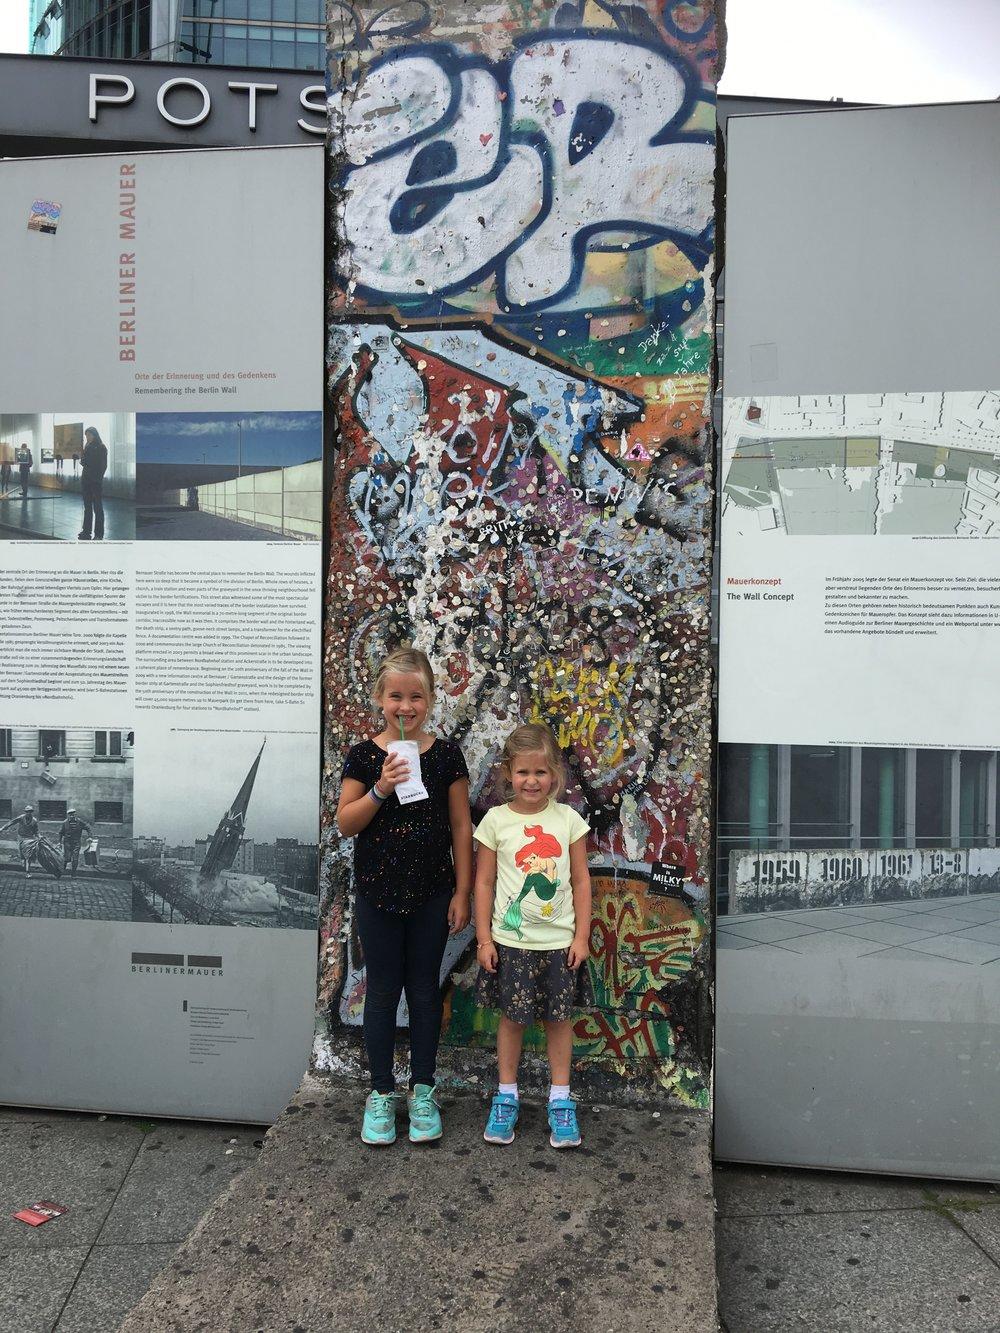 Wall Memorial